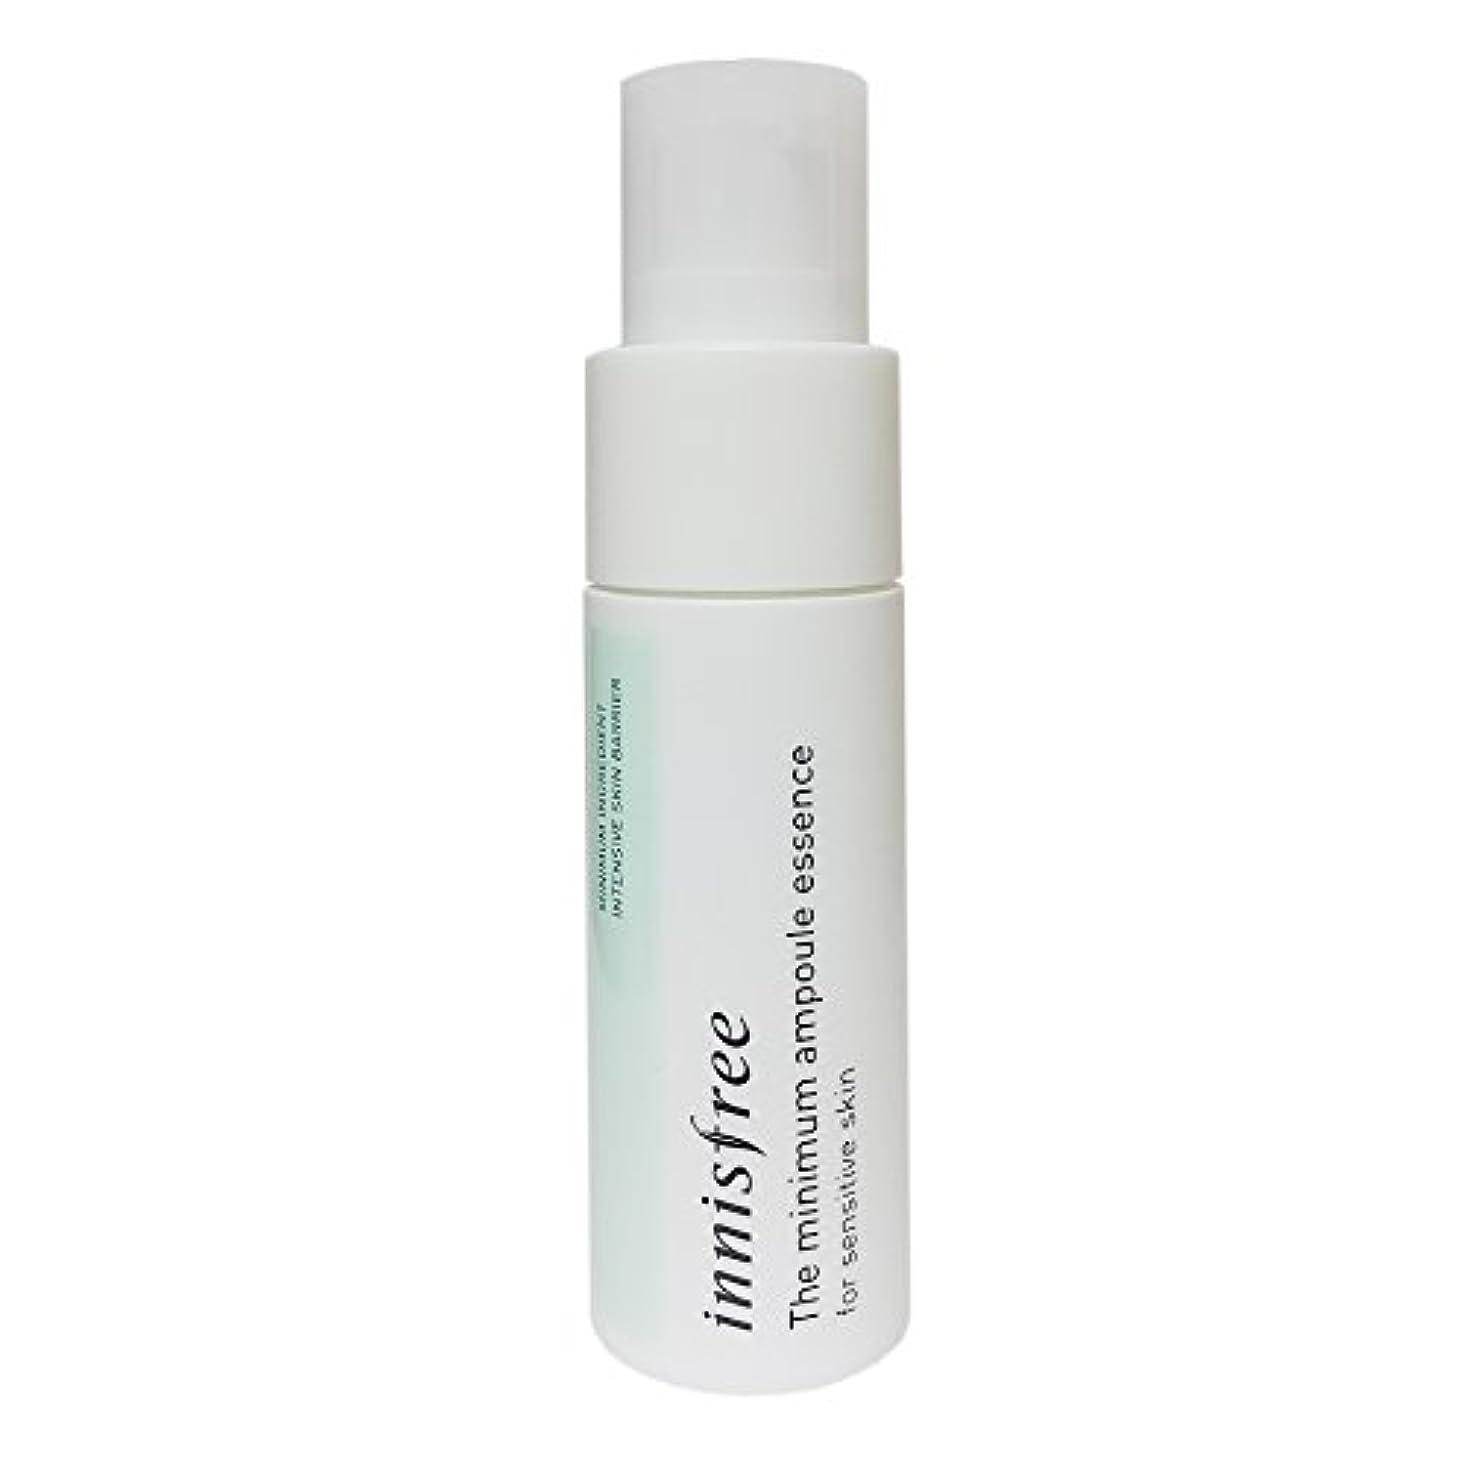 一時的殺します細断イニスフリー Innisfree ザミニマム アンプル エッセンス敏感肌用(30ml) Innisfree The Minimum Ampoule Essence For Sensitive Skin(30ml) [海外直送品]